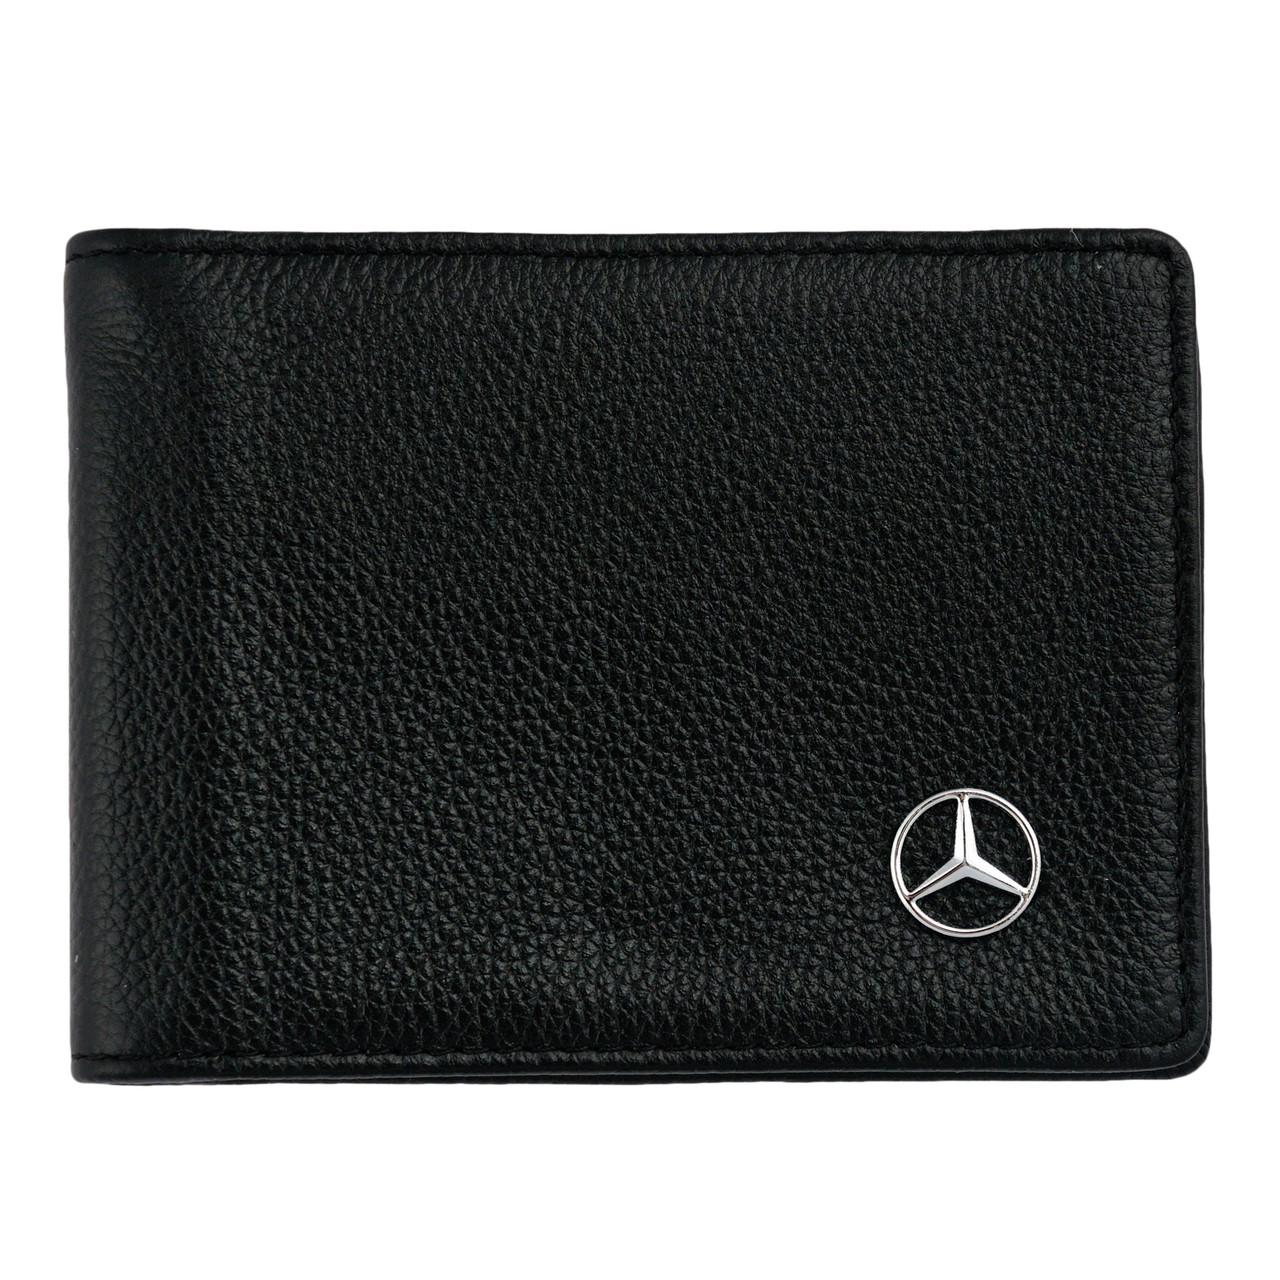 Шкіряний гаманець подвійного складання з емблемою MERCEDES